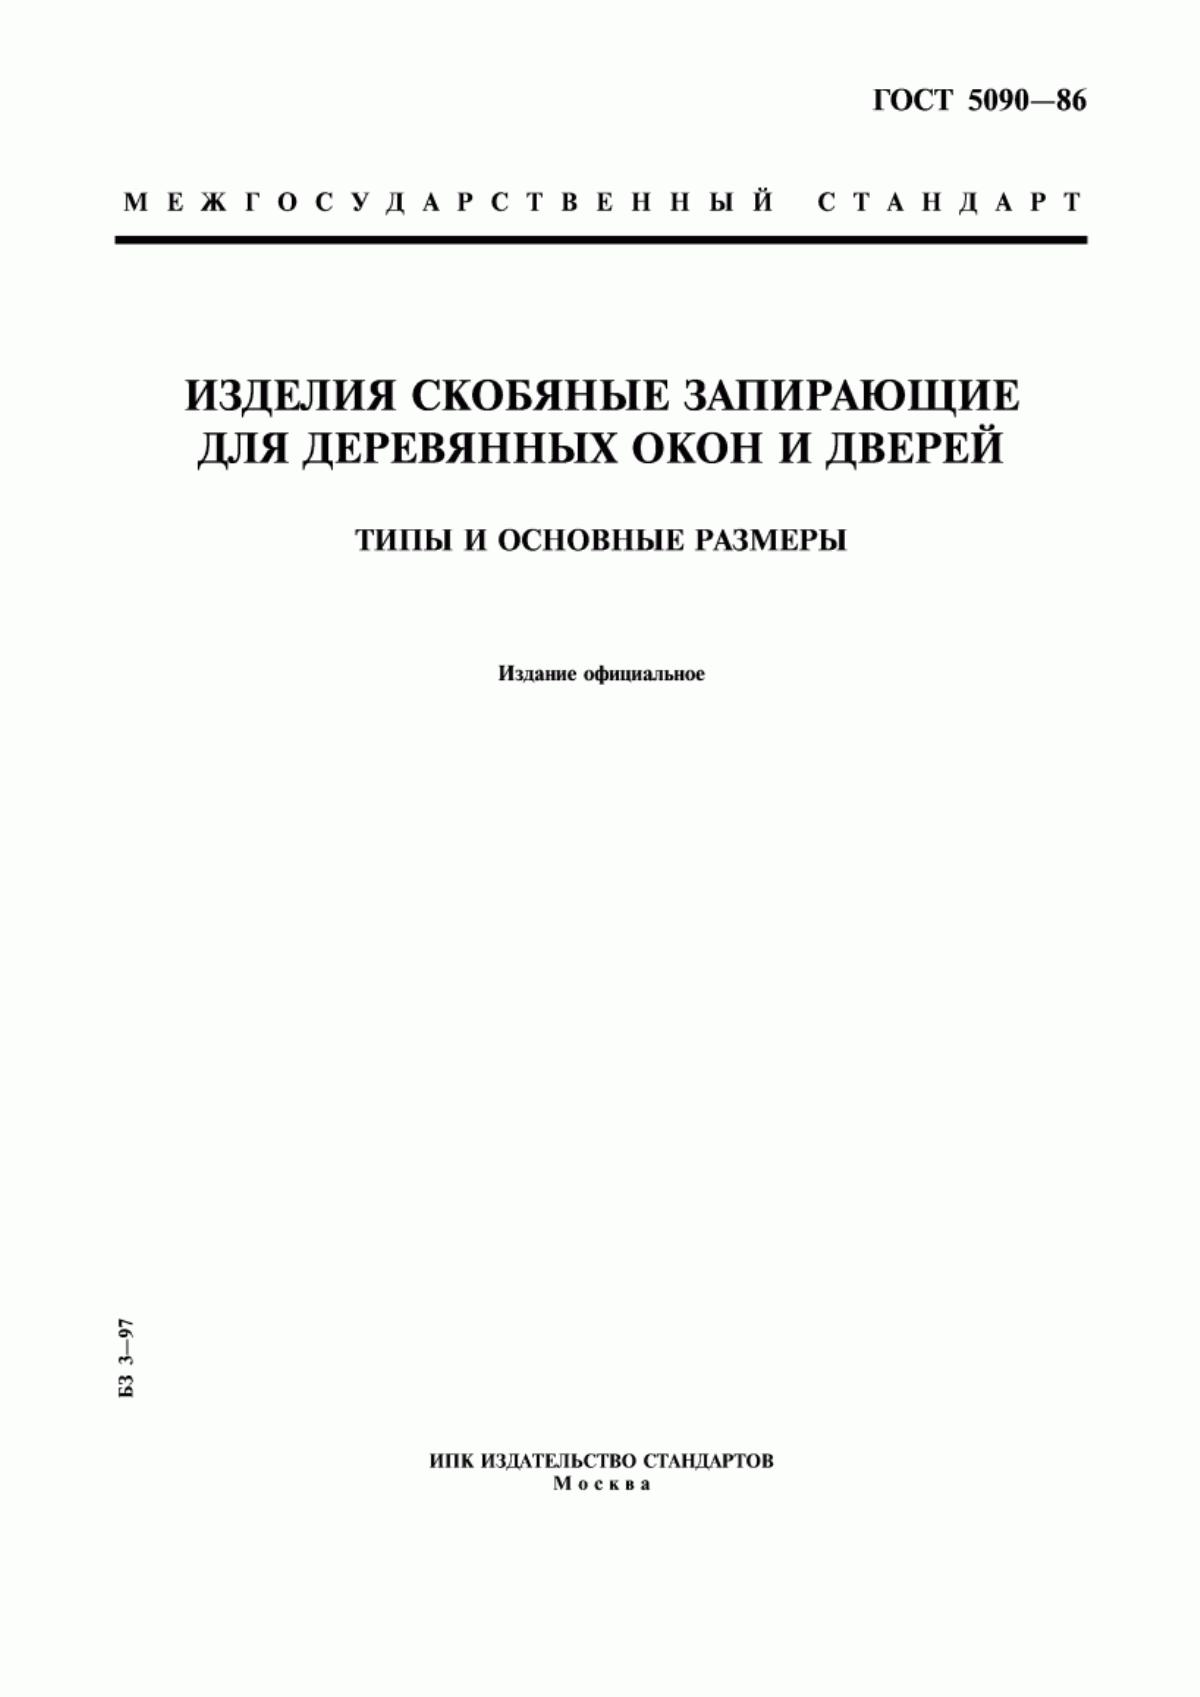 Гост 24941-81. породы горные. методы определения механических свойств нагружением сферическими инденторами (с изменением n 1)